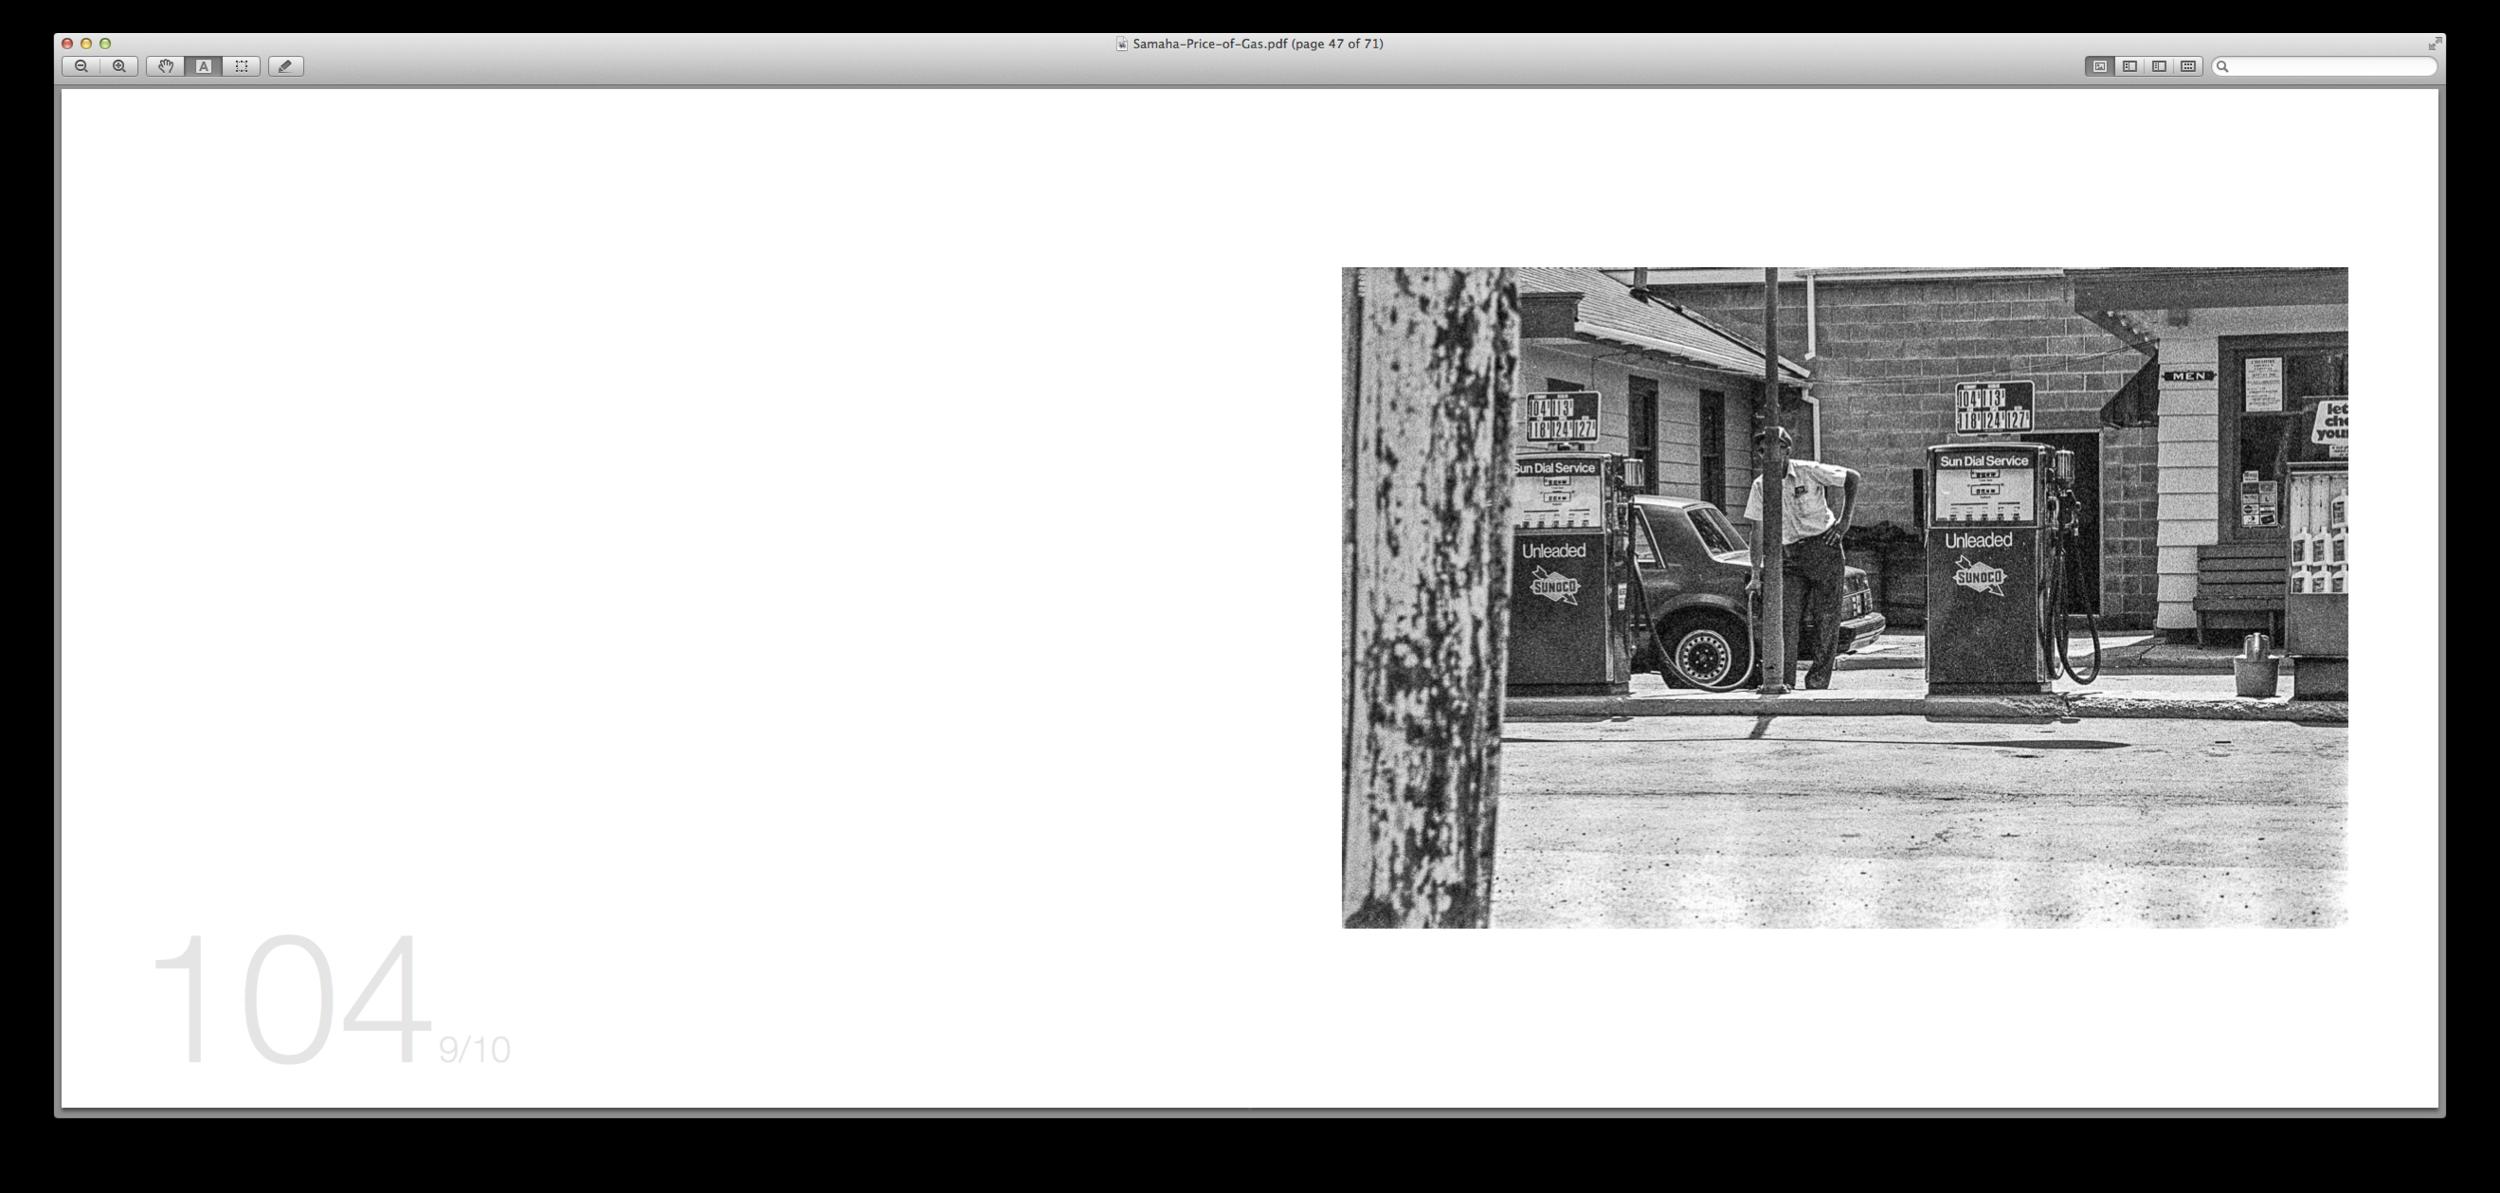 Screen Shot 2013-11-20 at 11.13.54 PM.png